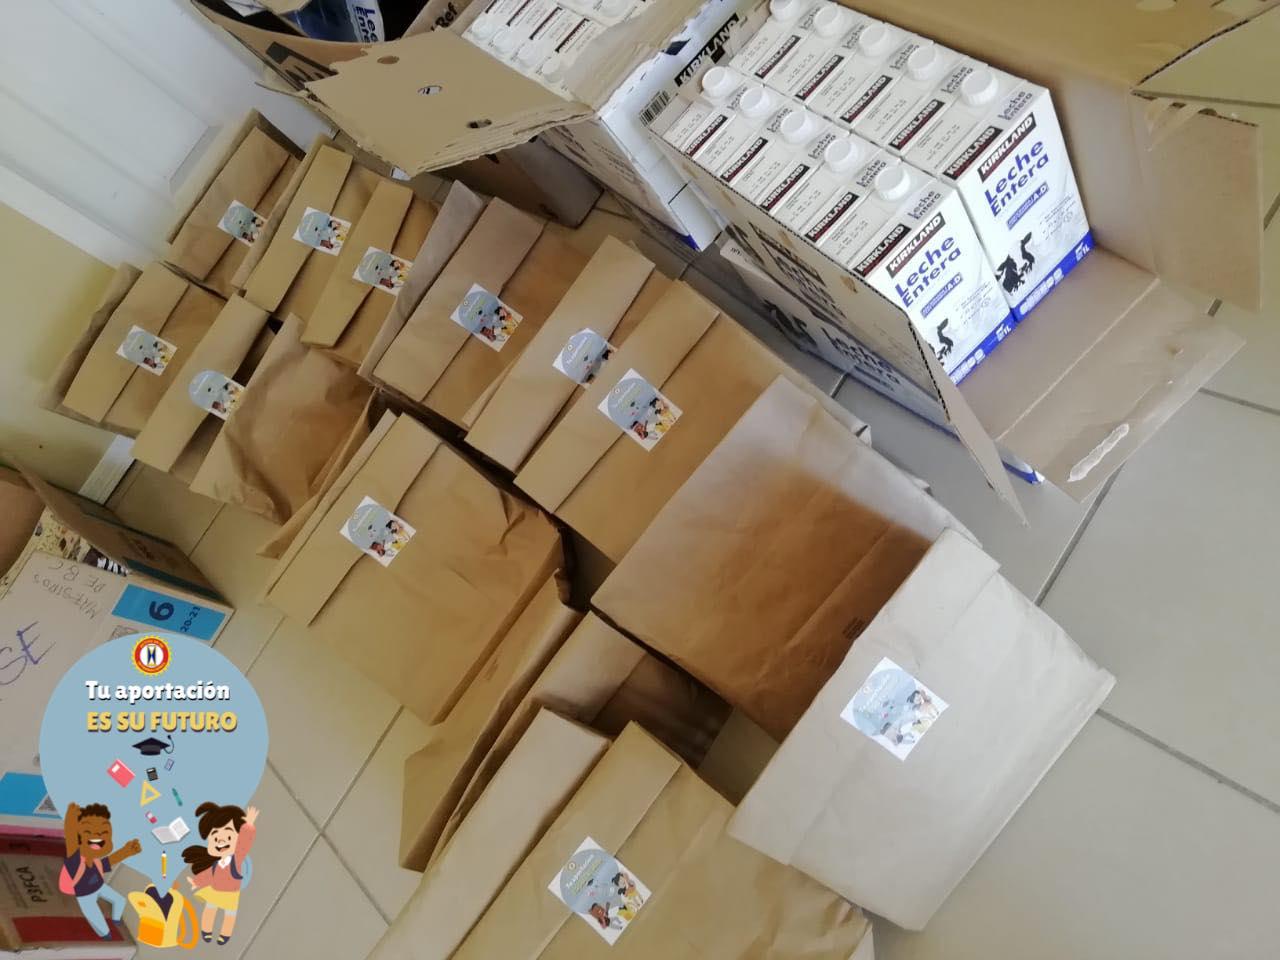 Copy of 121794649_1622702401231359_7950303958970149022_n